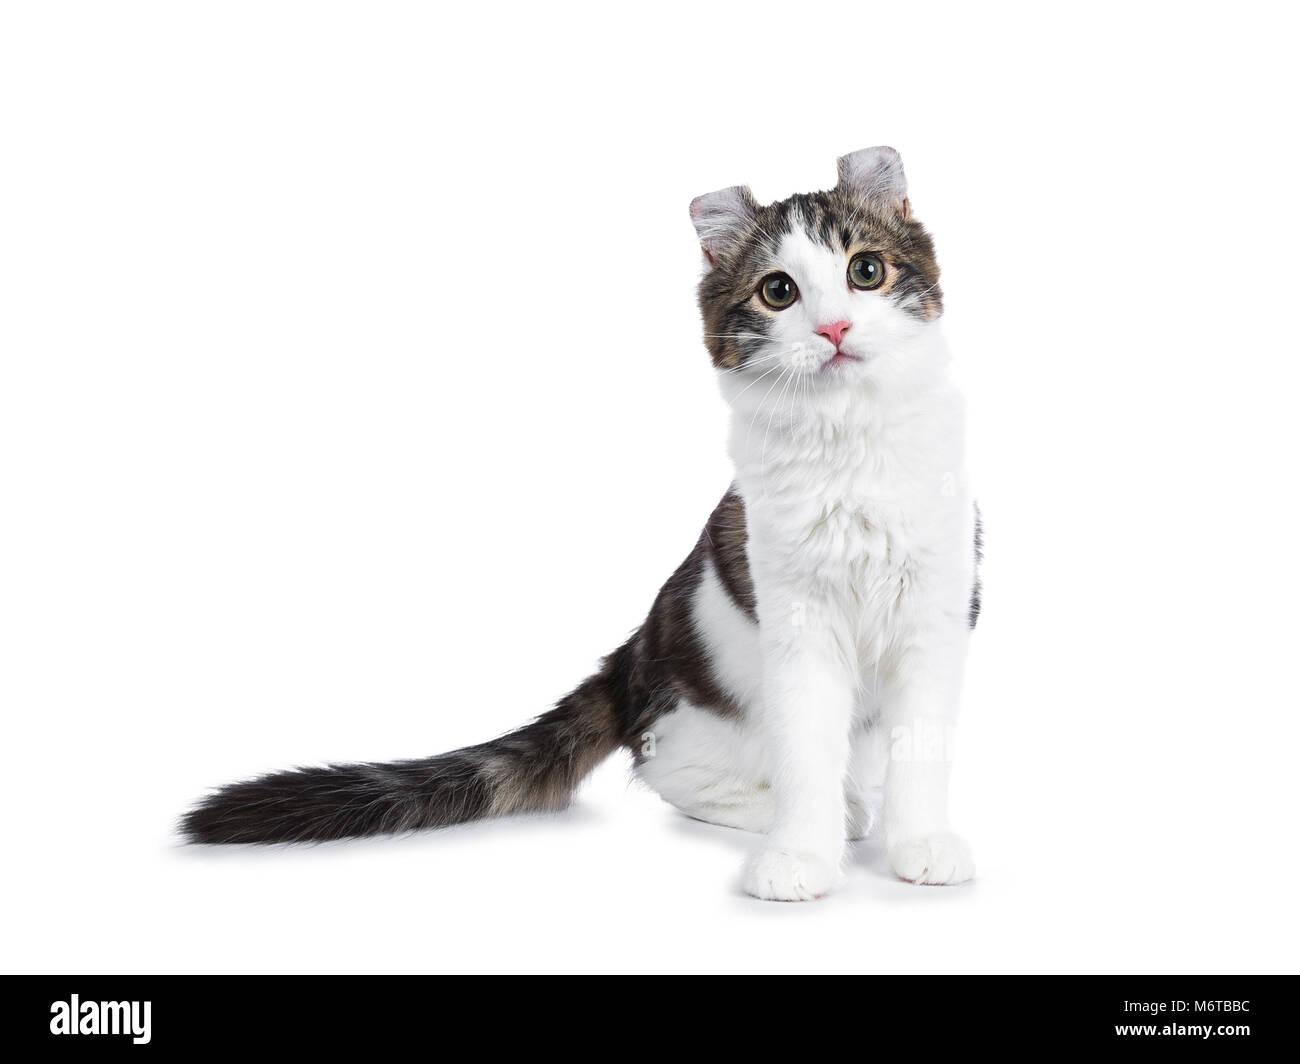 Atigrado negro con blanco American Curl cat / gatito de pie mirando hacia la cámara mirando curioso aislado sobre fondo blanco. Foto de stock